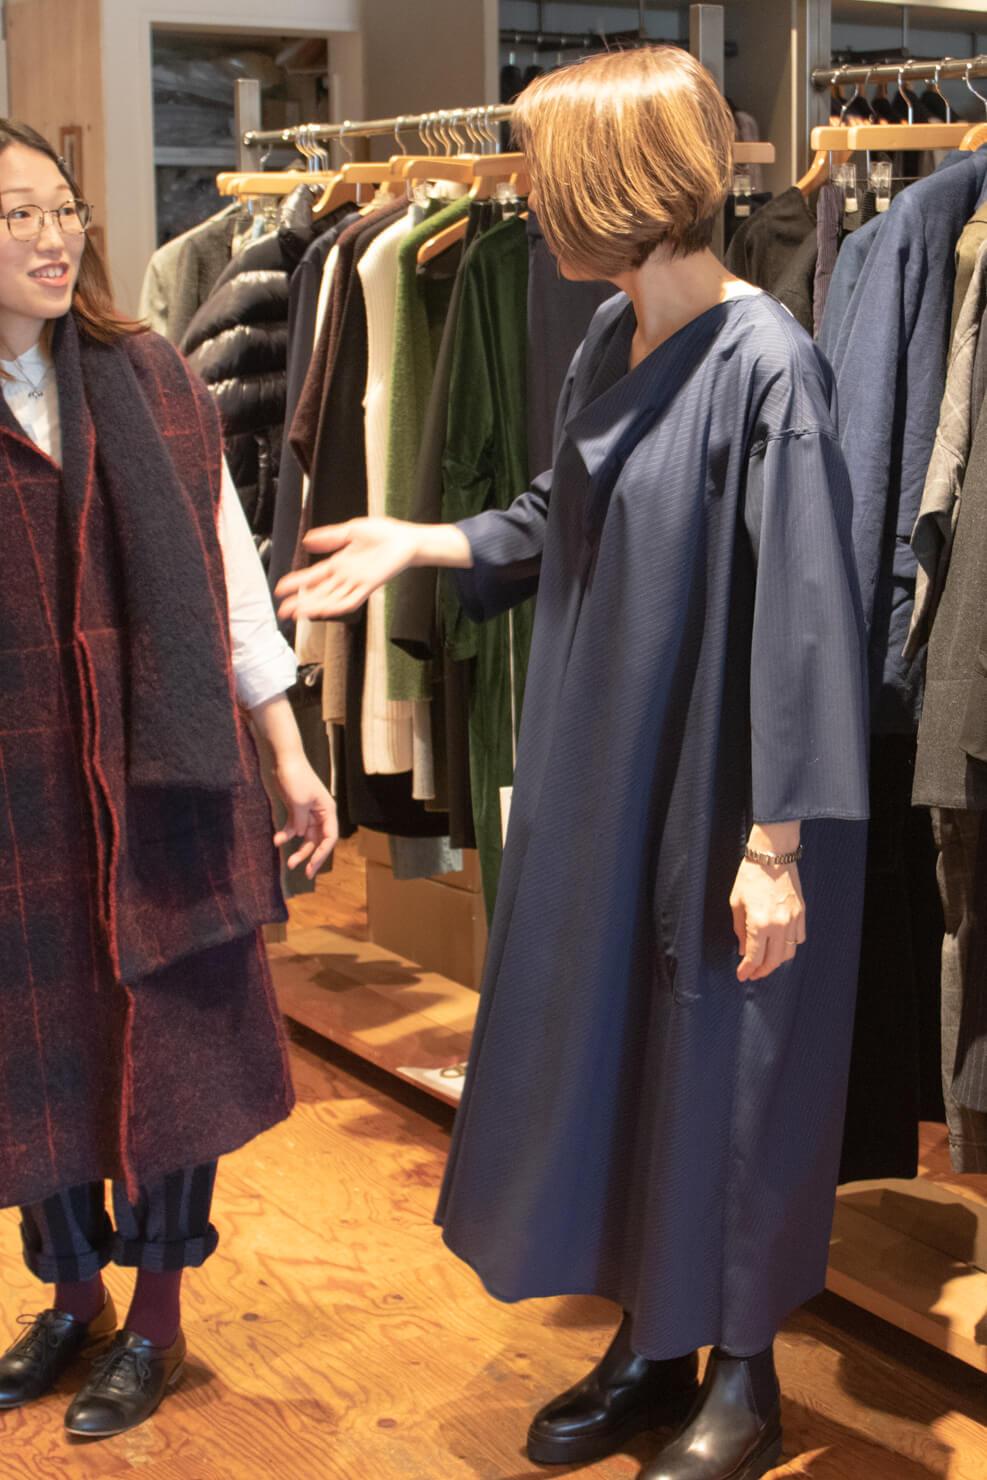 ソフィドールのAラインのワンピースを着ている写真